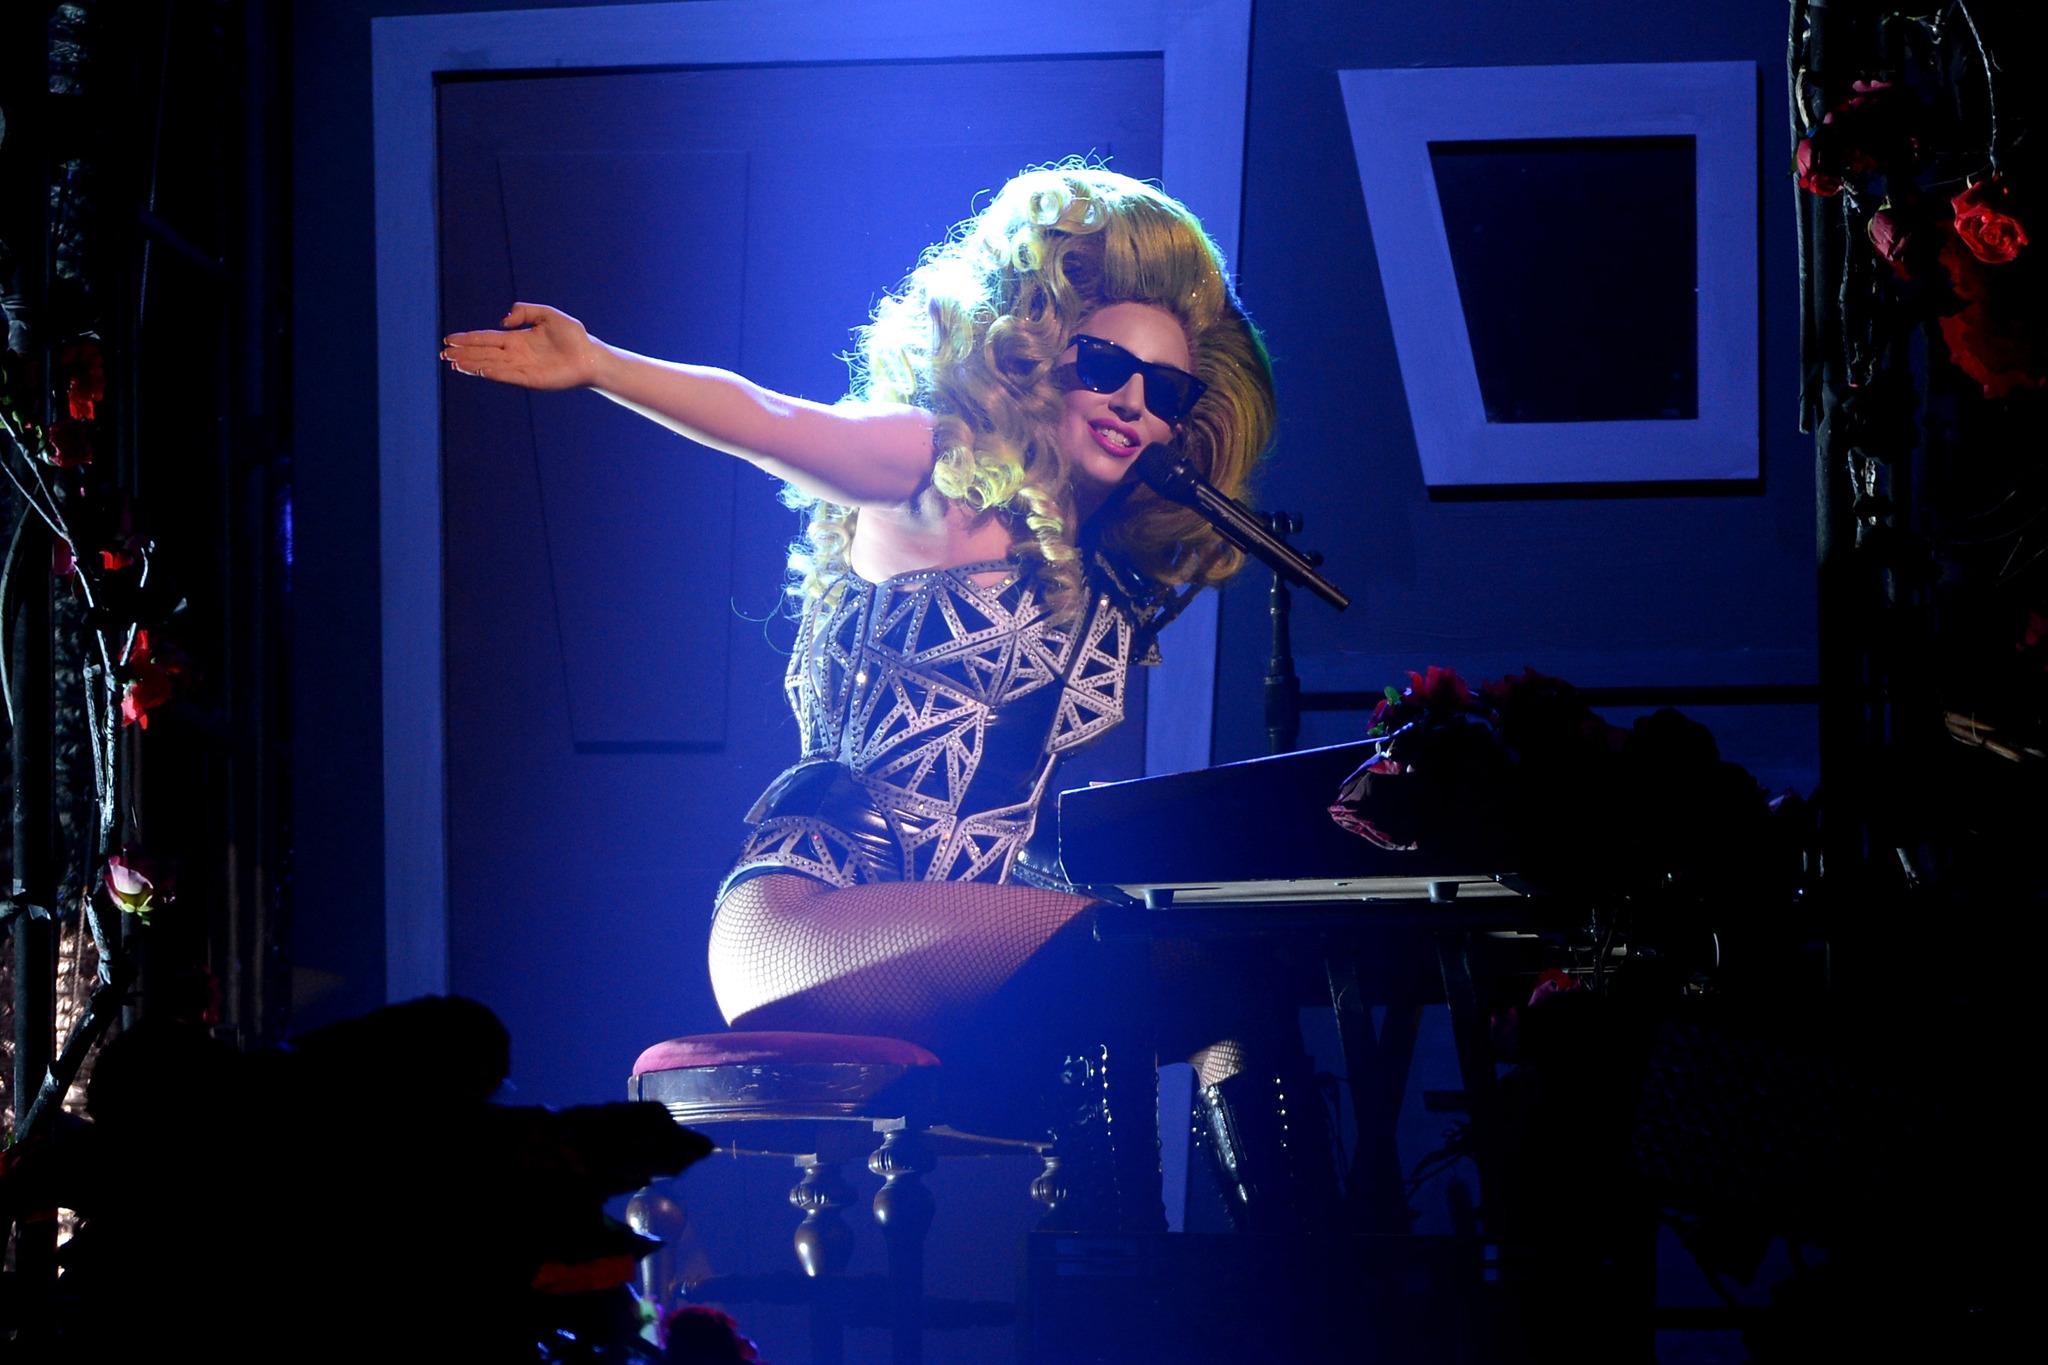 Lady Gaga at Roseland Ballroom